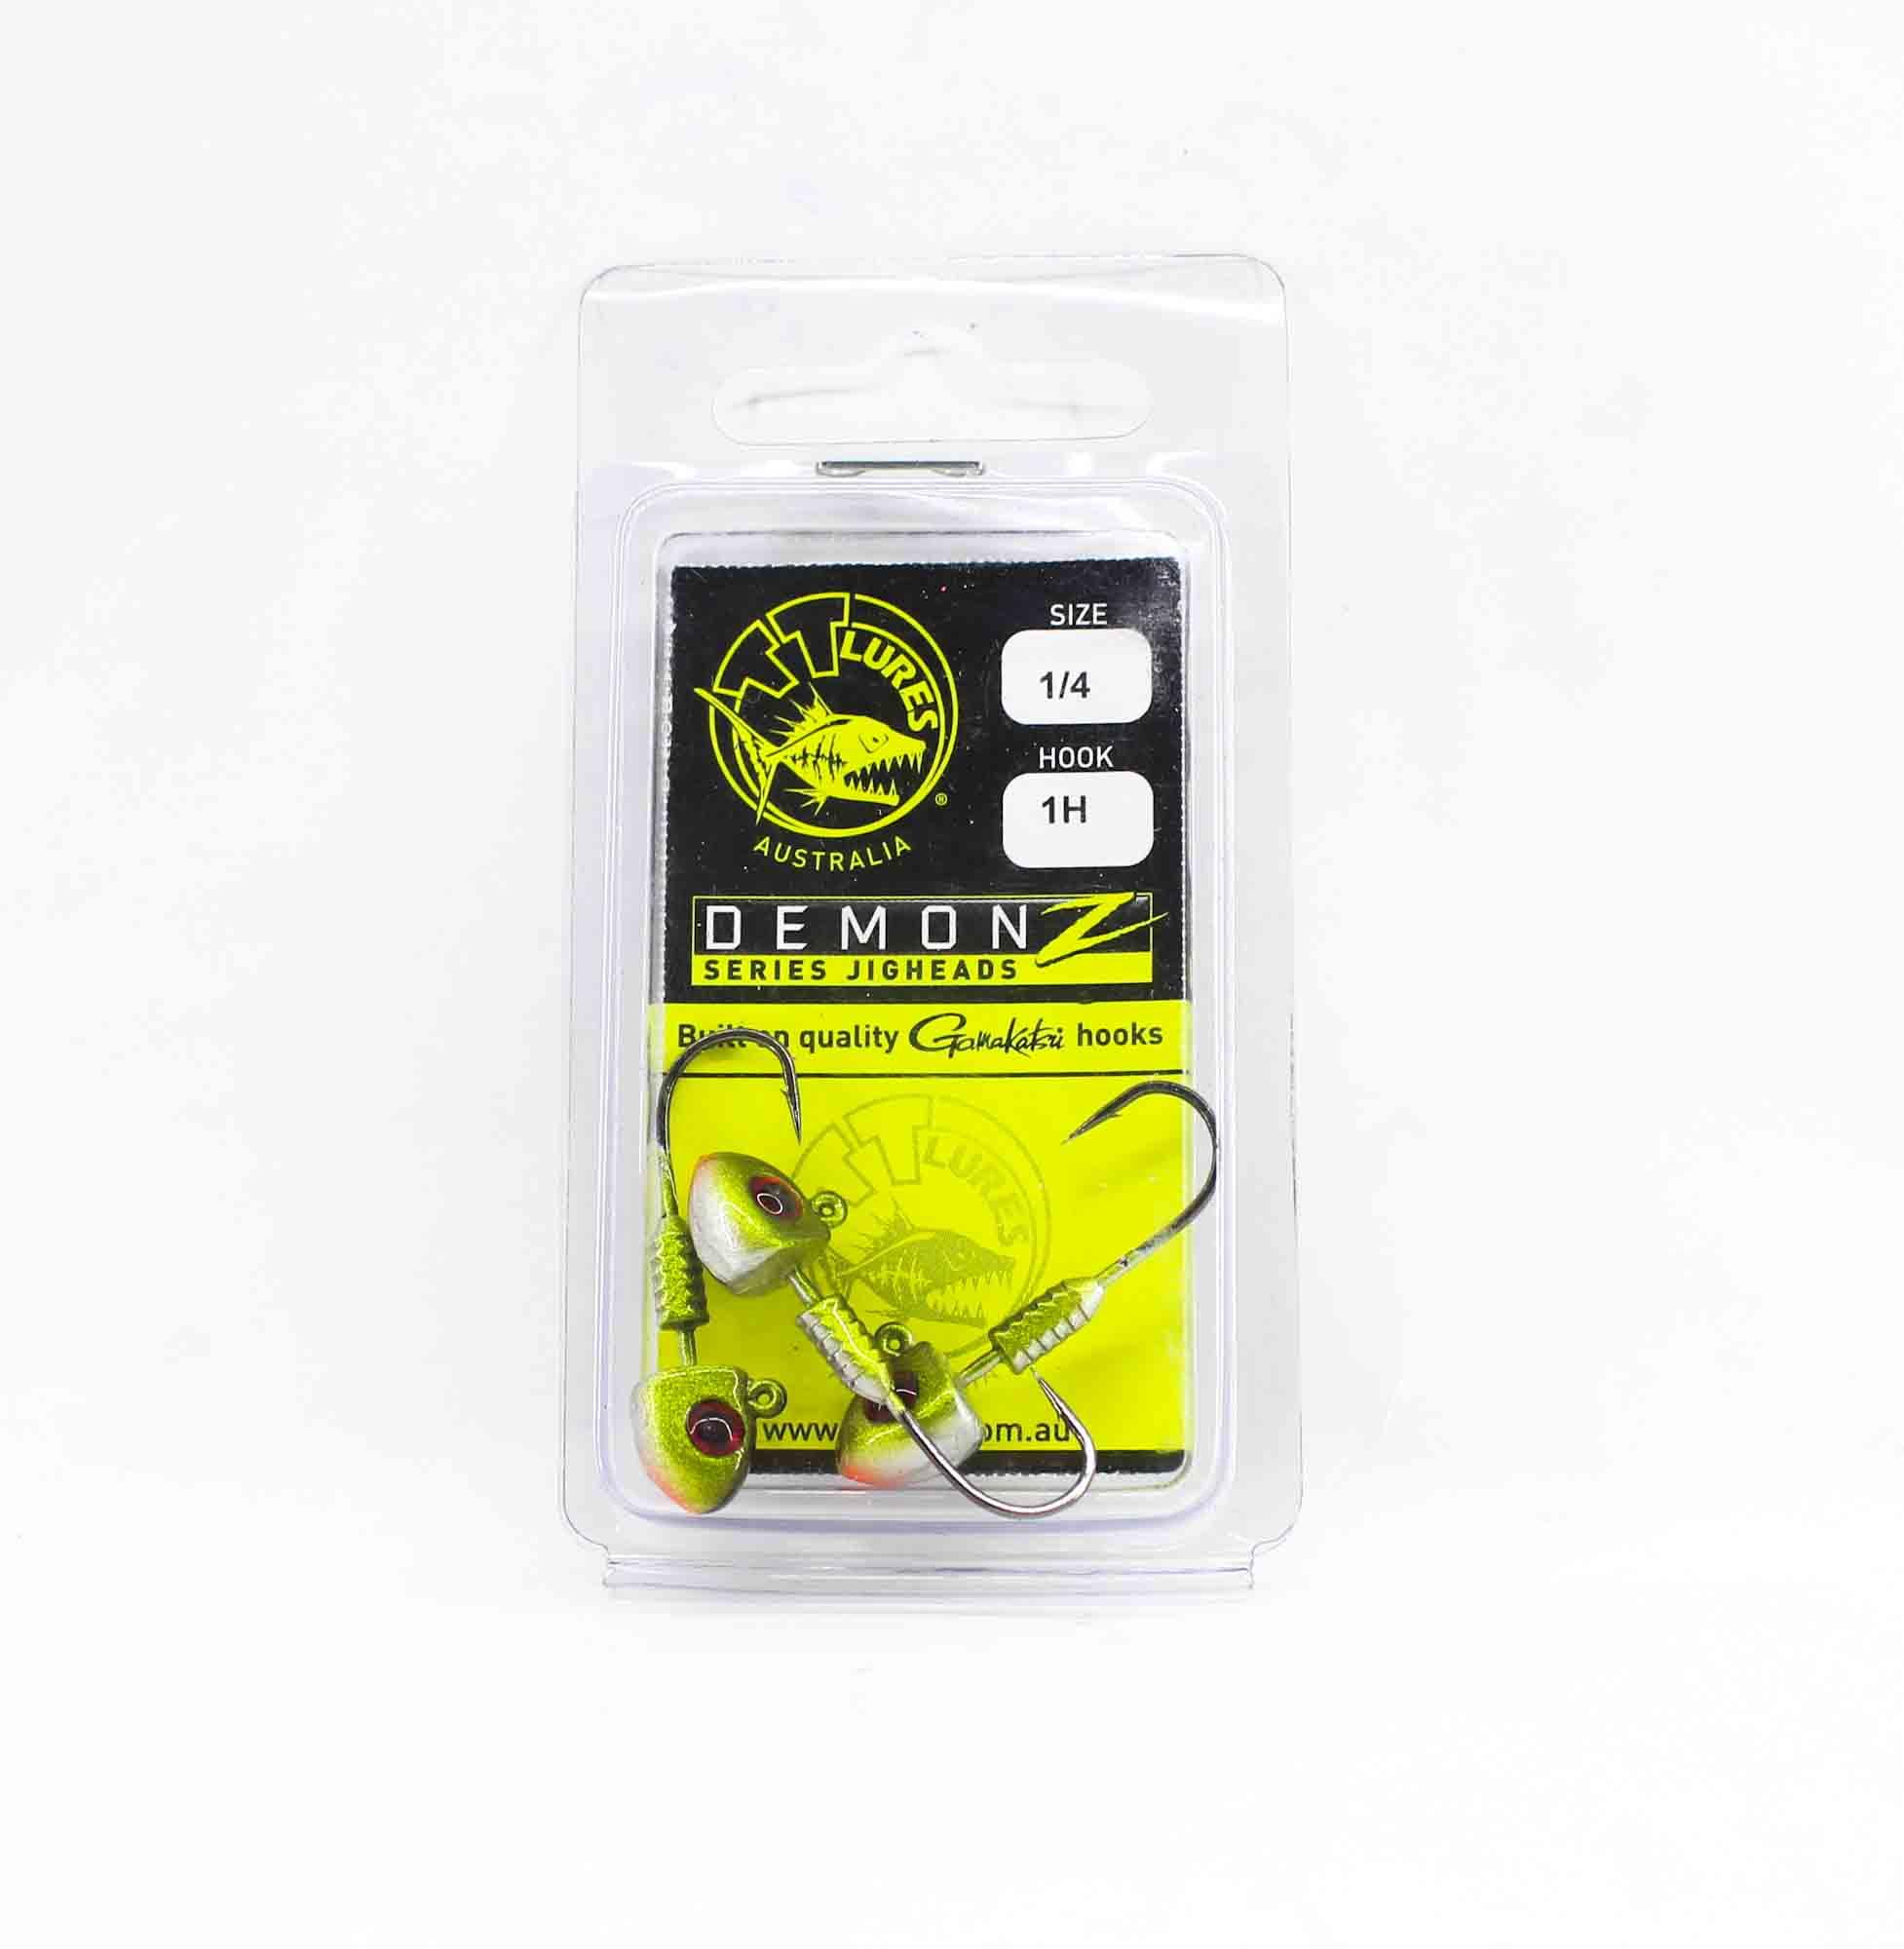 Tackle Tactics TT Demonz Jig Head 1/4 oz 1H 3 per pack Green (7716)